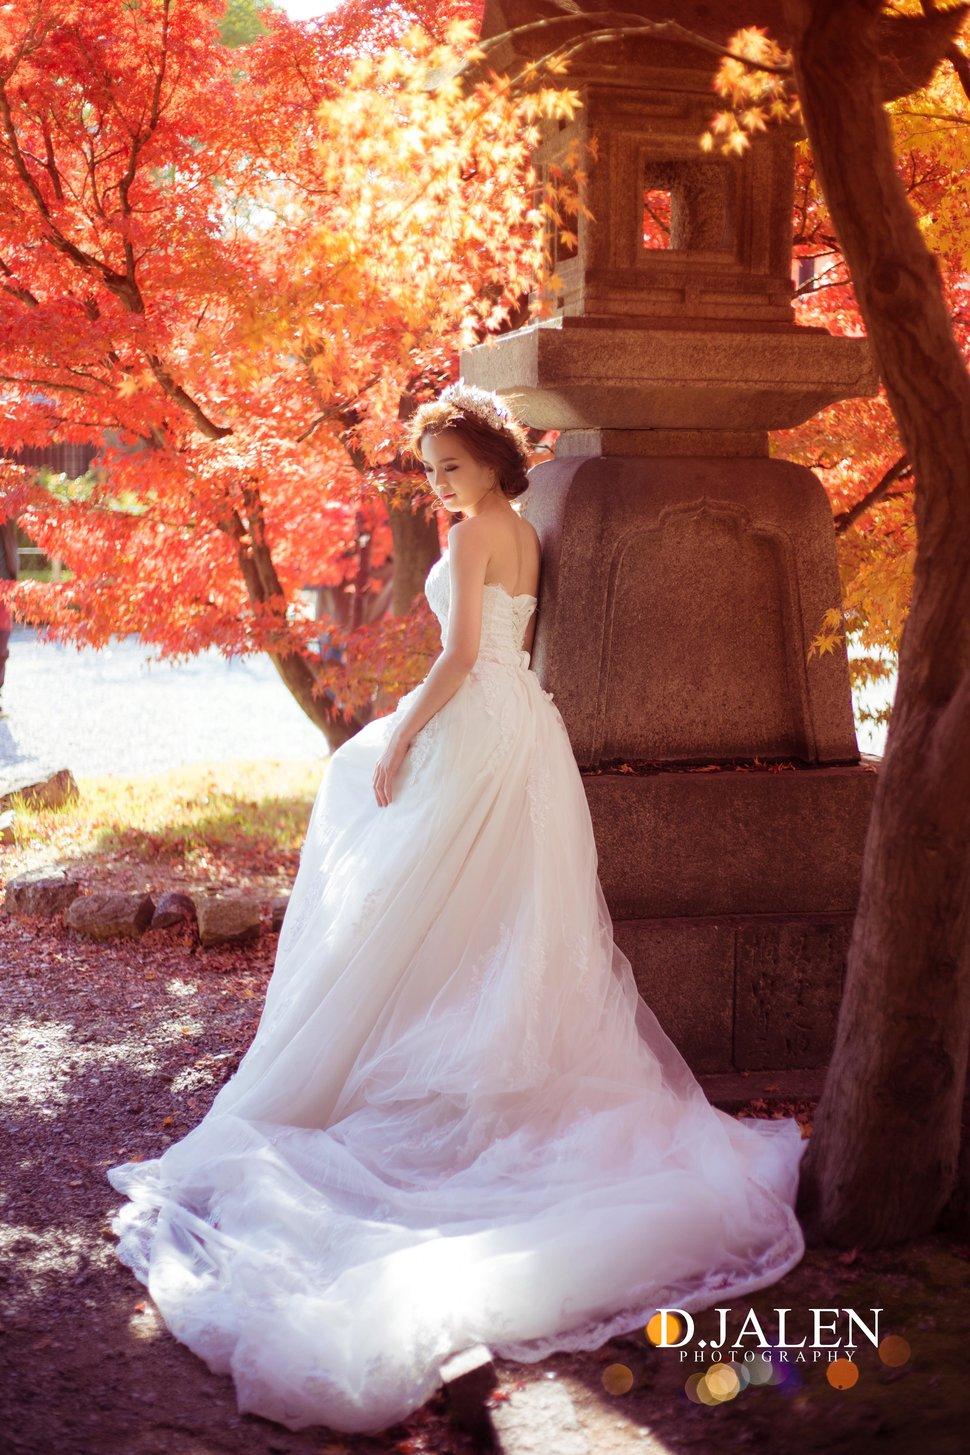 IMG_0392 拷貝 - D. Jalen  studio - 結婚吧